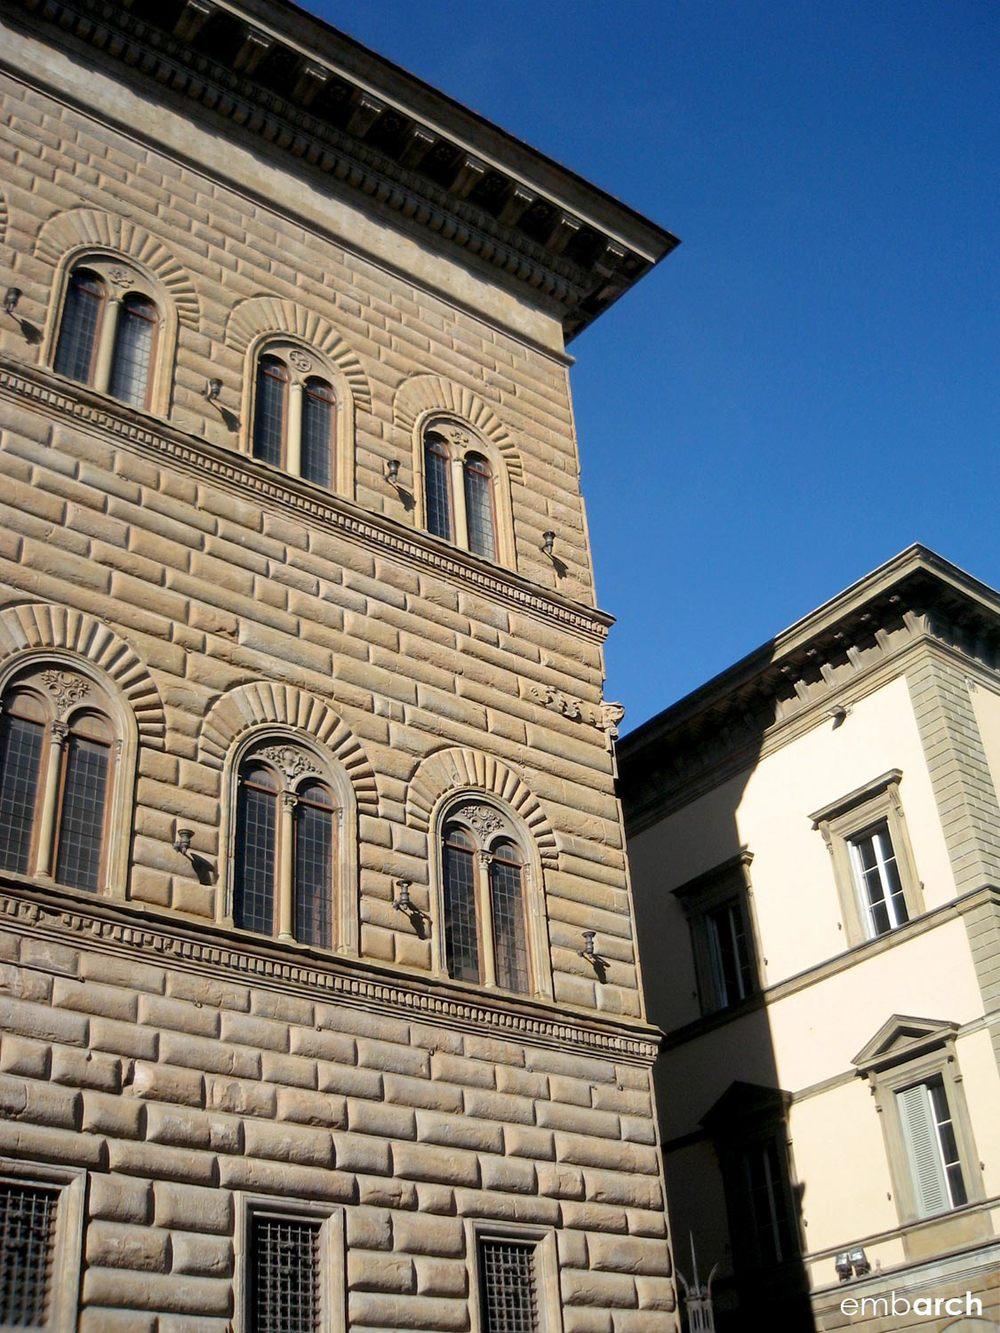 Palazzo Strozzi - exterior